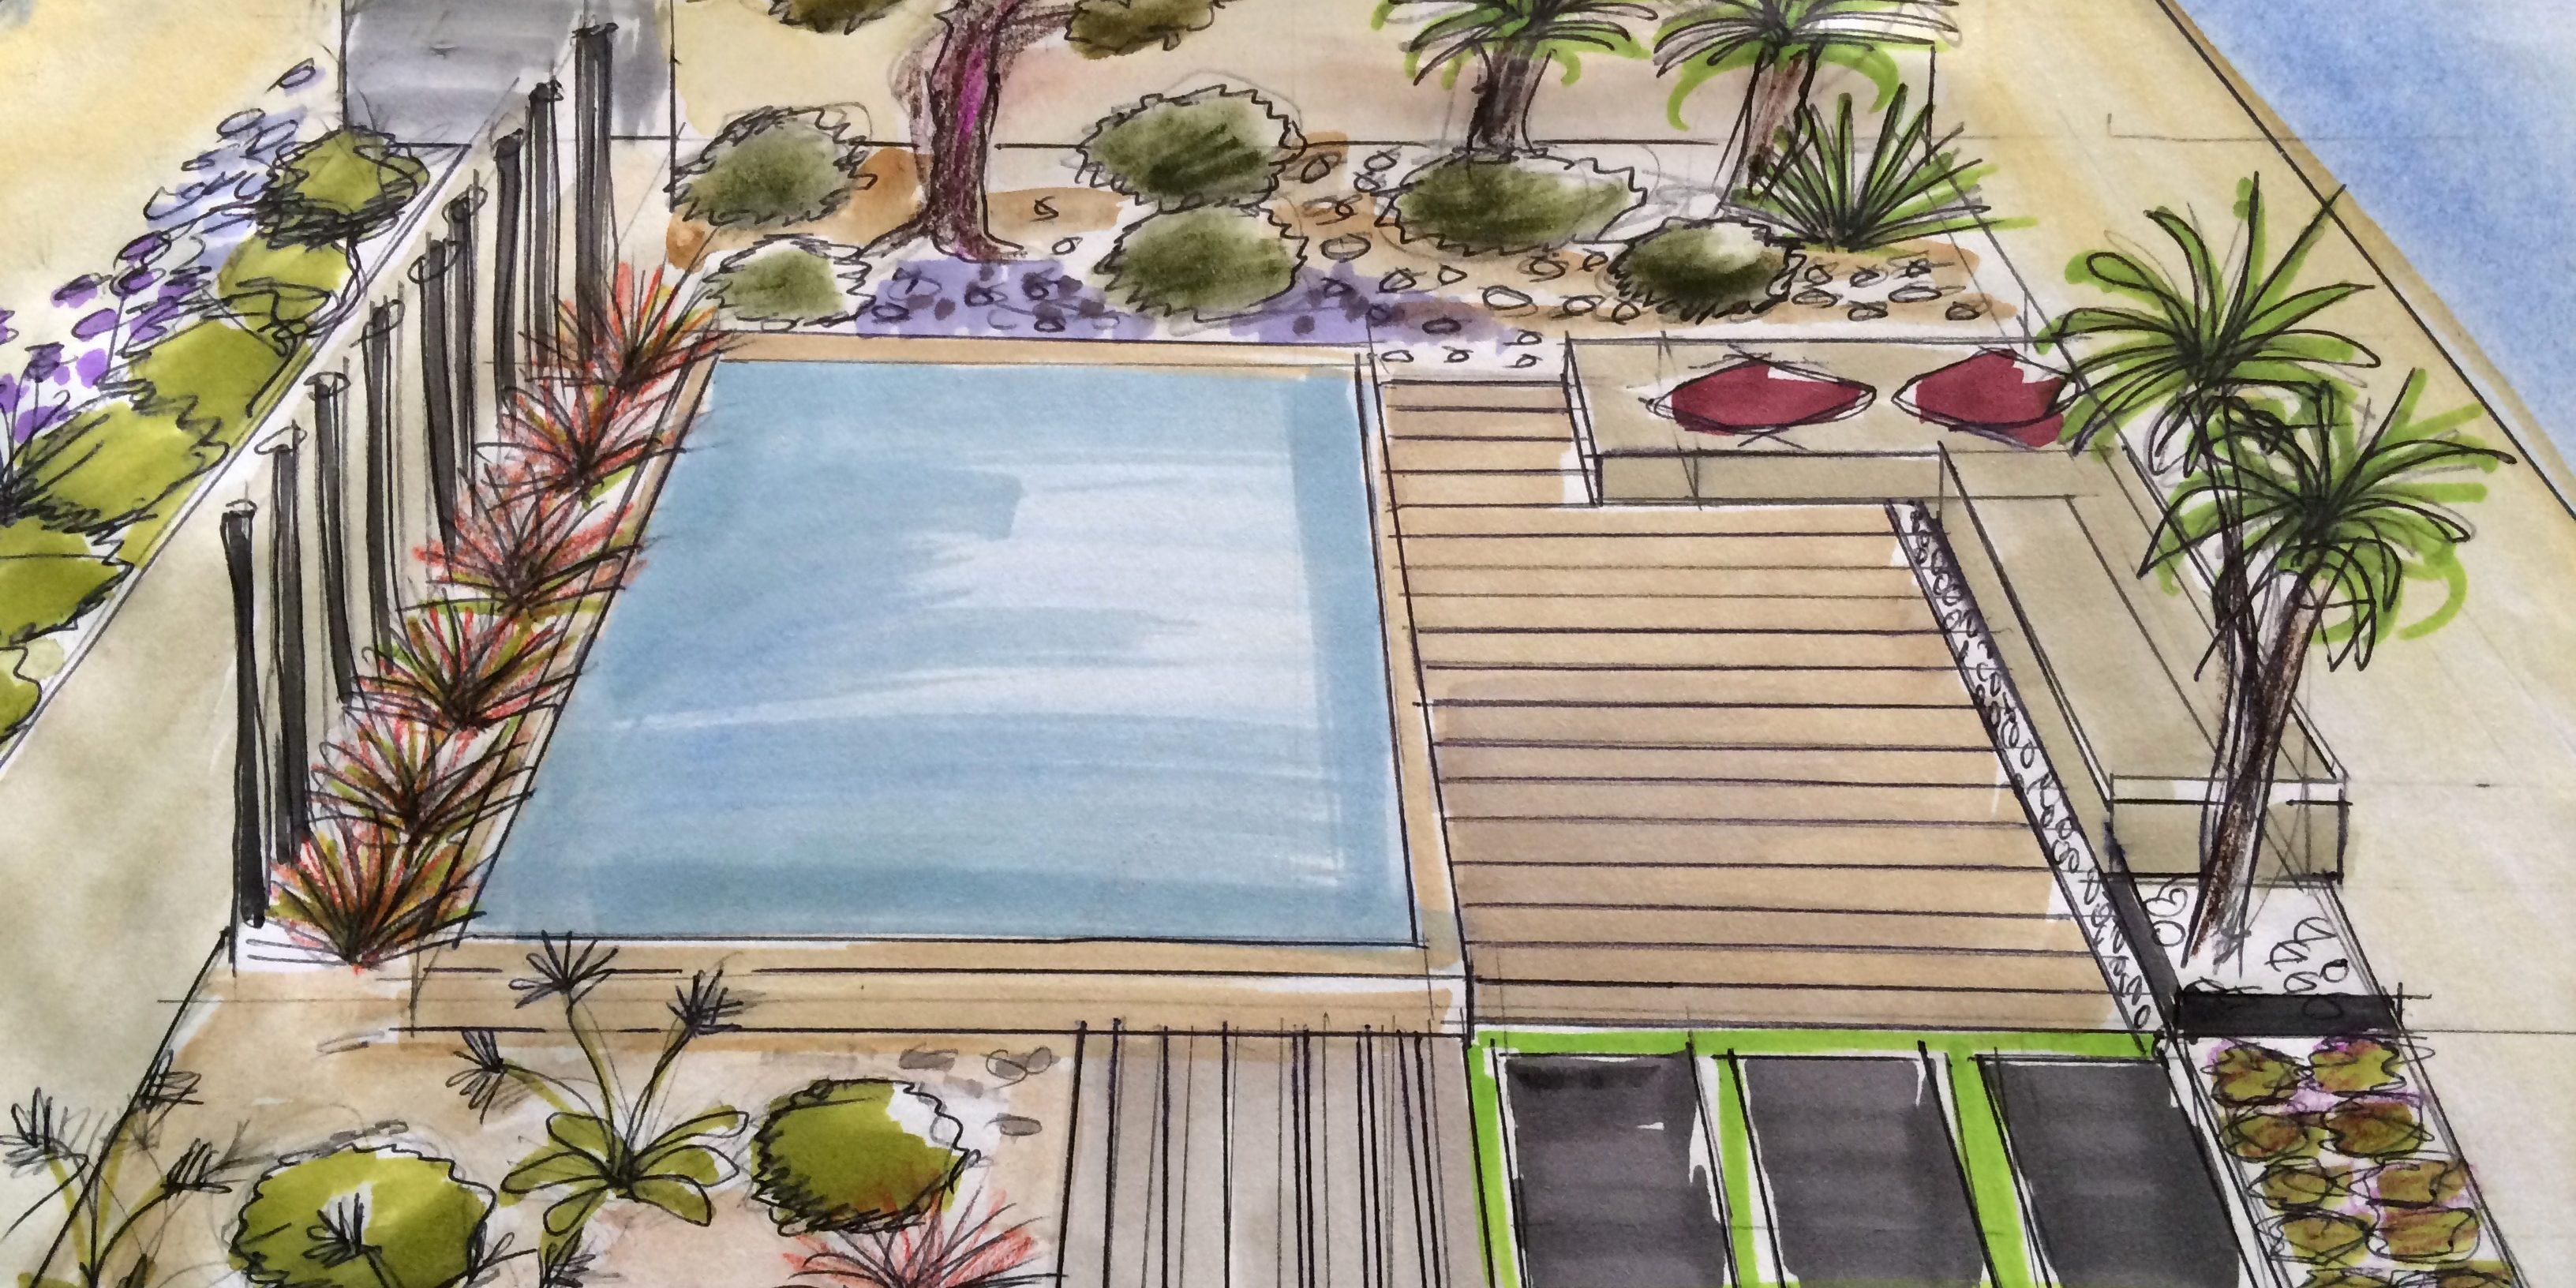 Comment Aménager Un Petit Jardin De Moins De 100 M² Avec Une ... concernant Amanager Un Petit Jardin